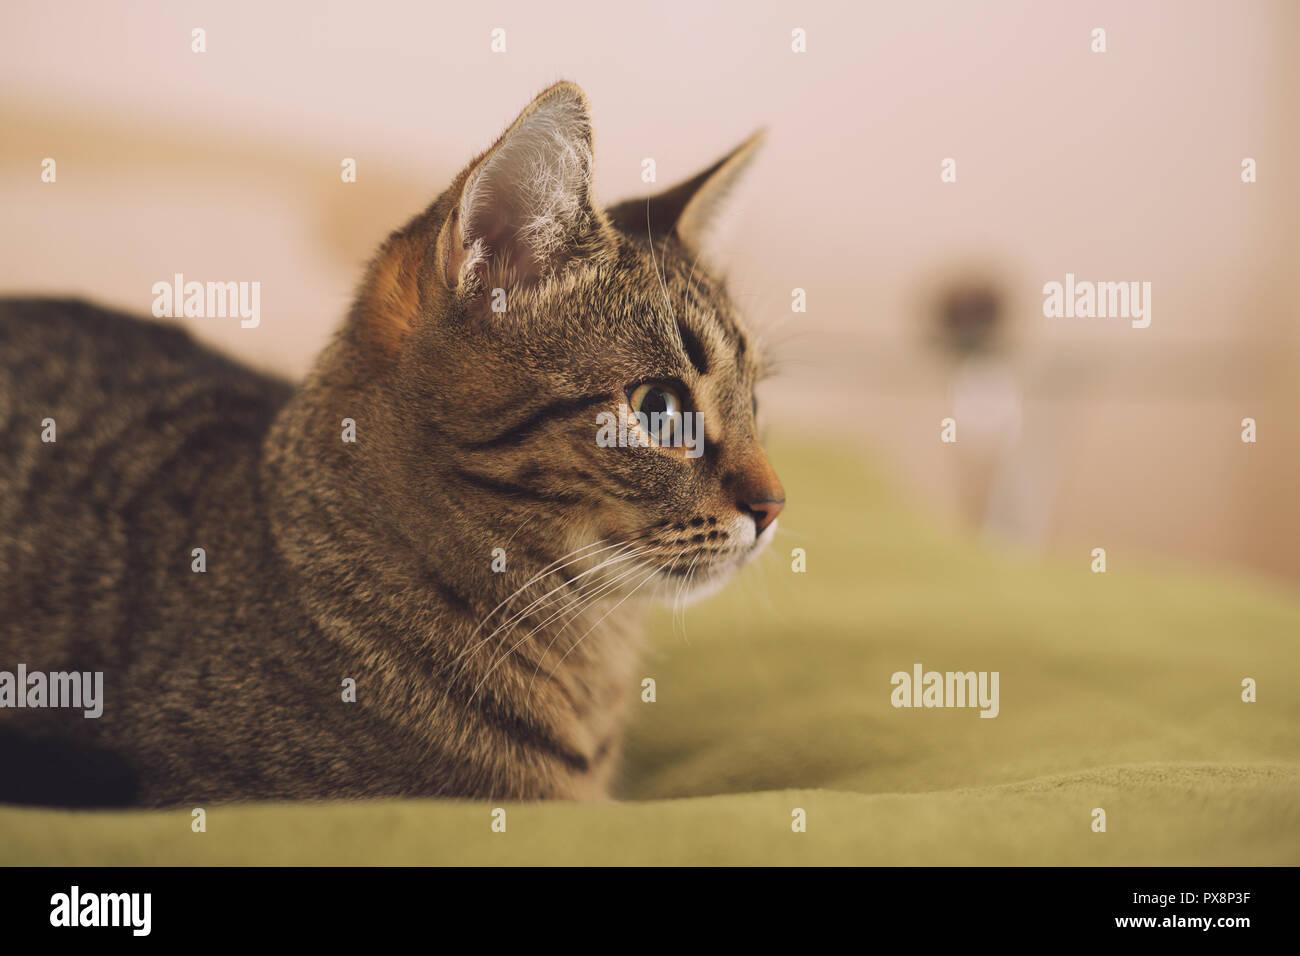 Foto von wunderschöne junge Katze auf dem Bett liegend. Stockbild